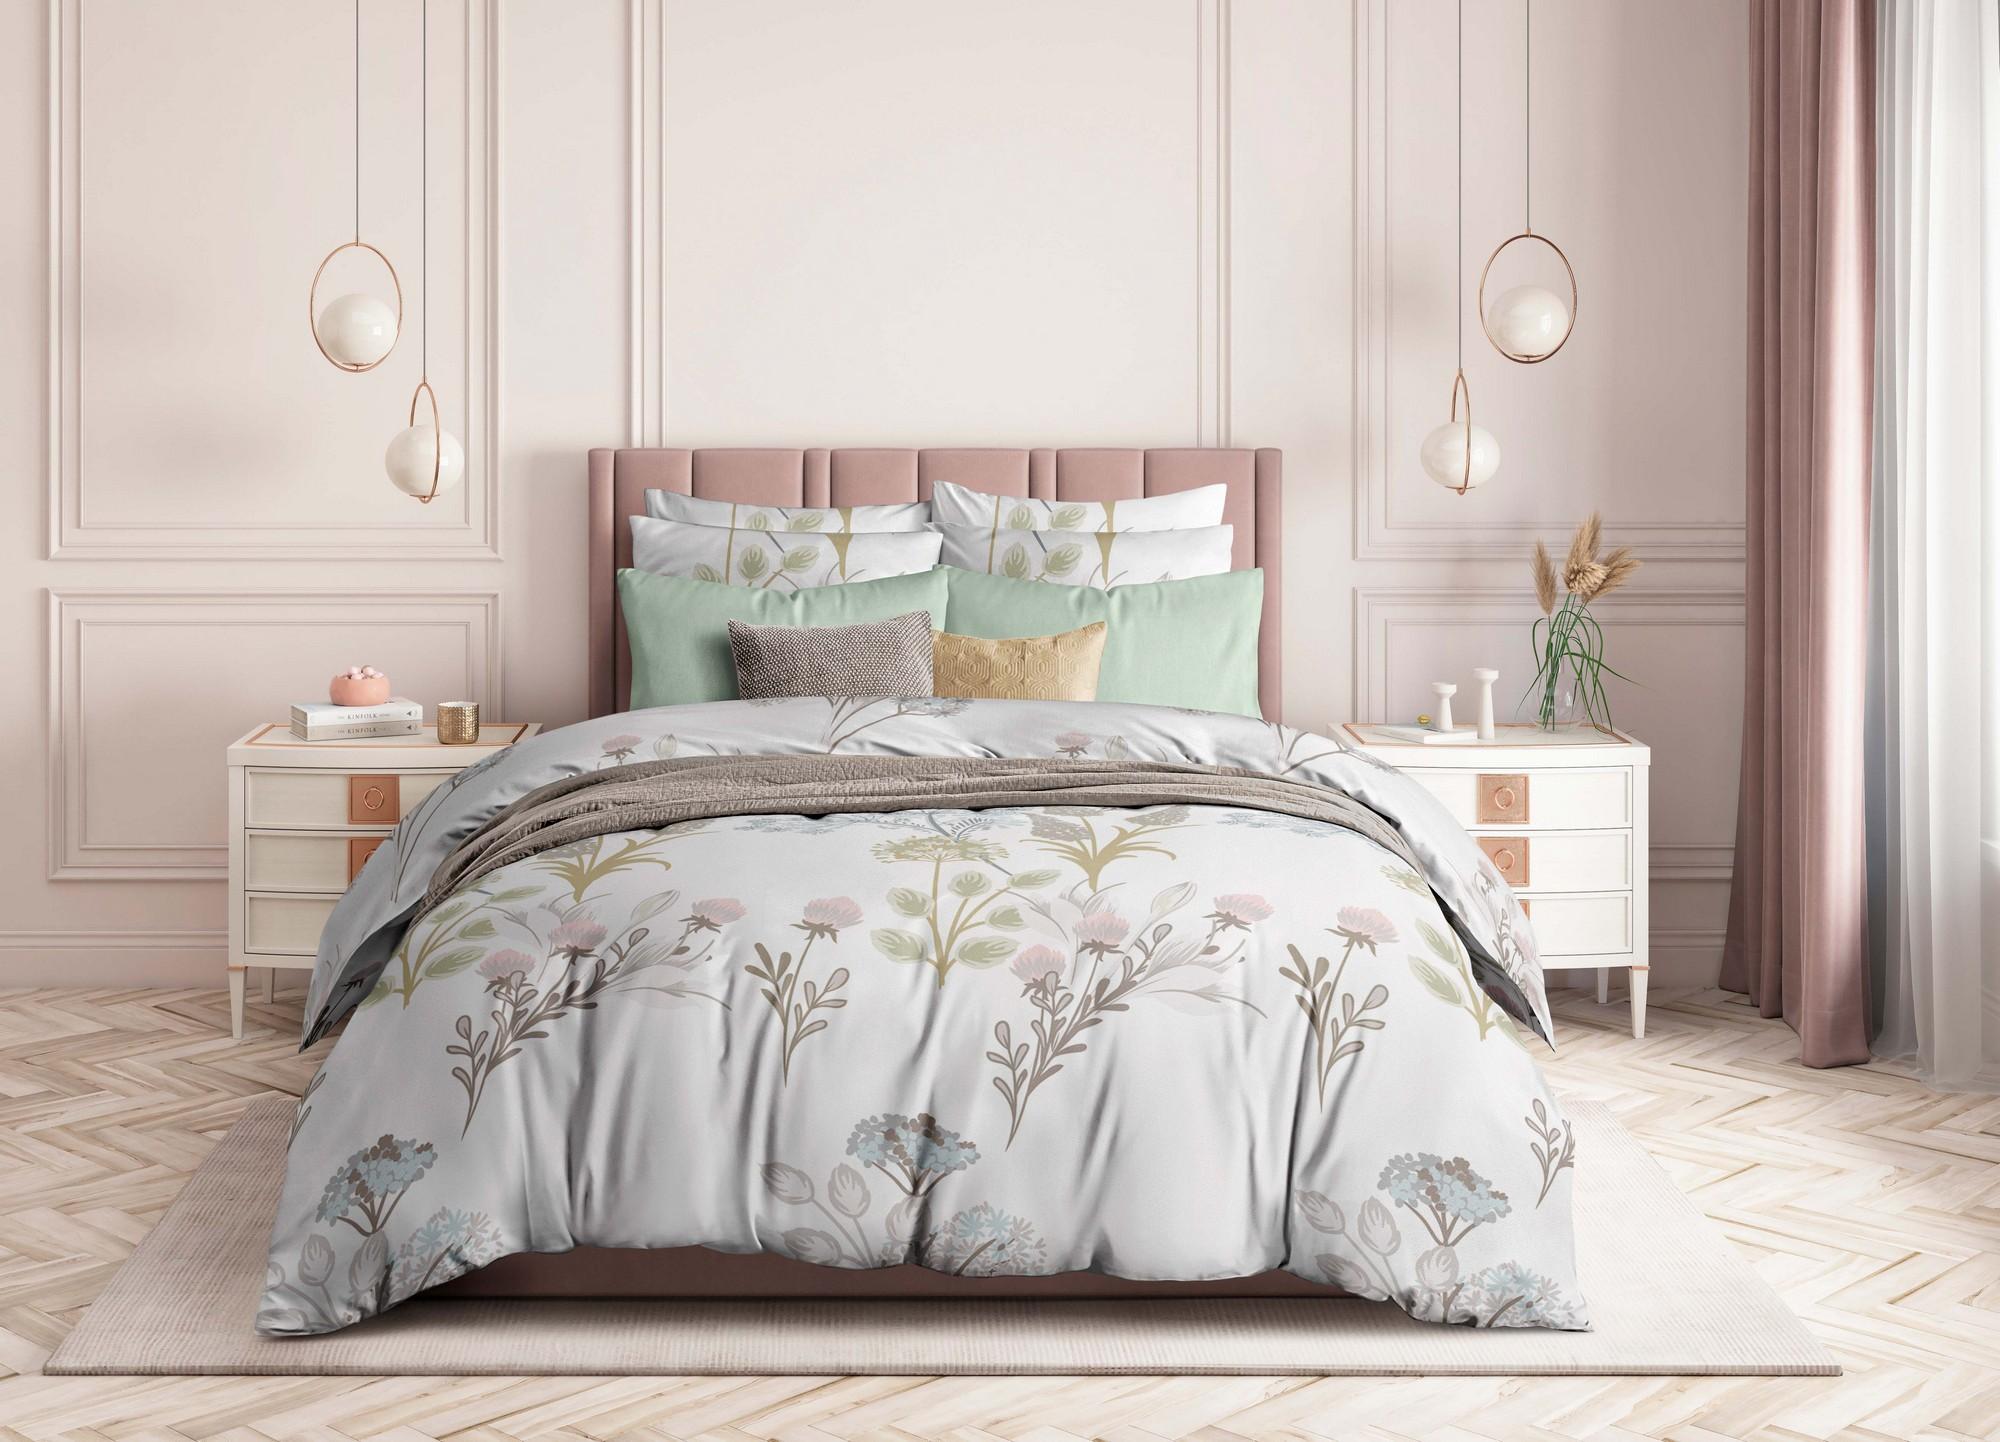 Комплекты постельного белья Guten Morgen gmg701596